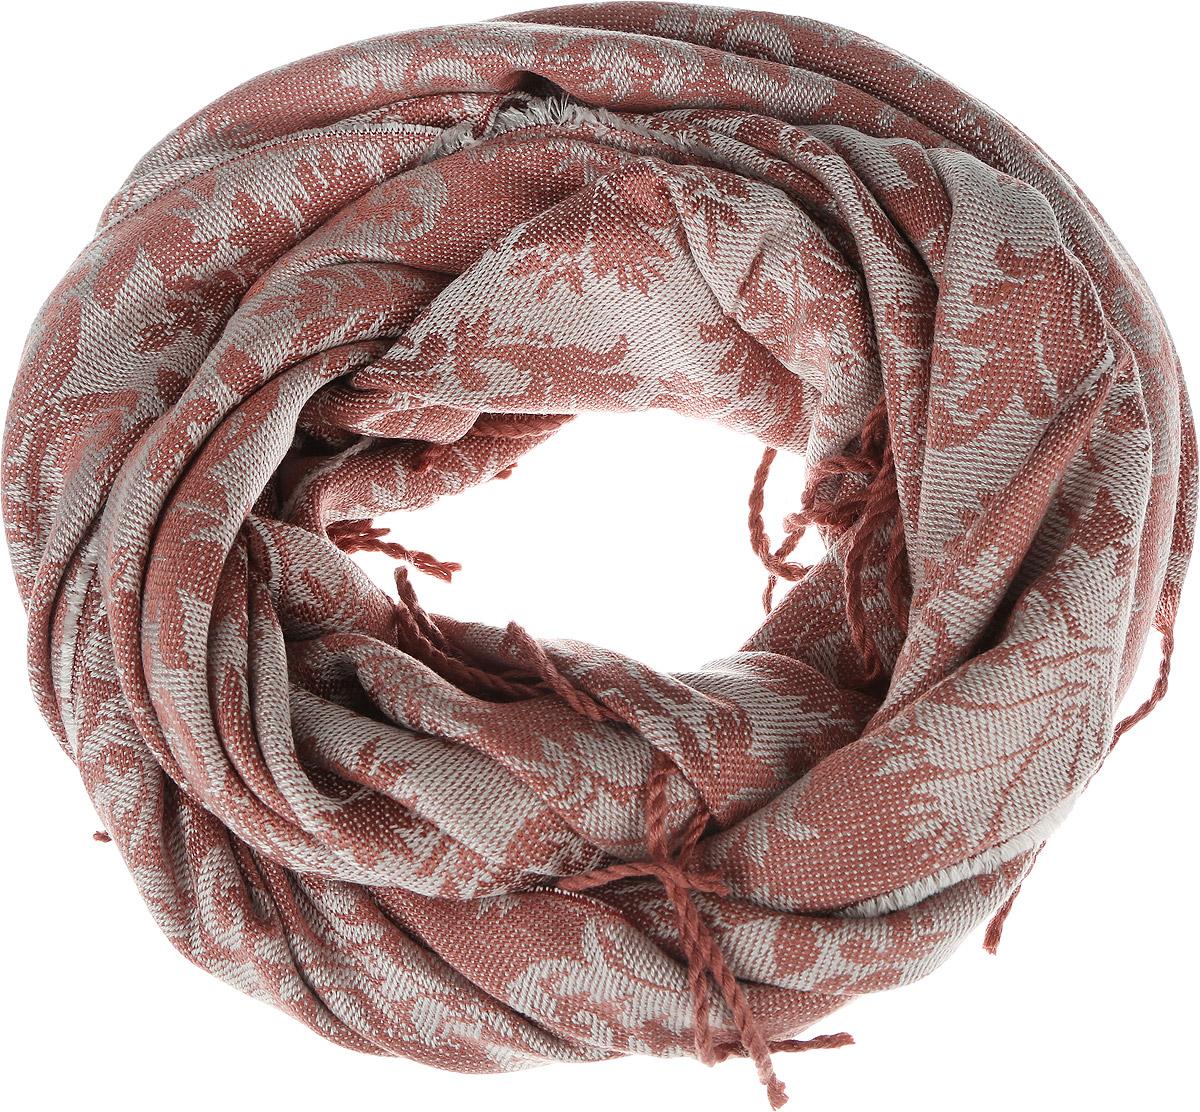 ШарфSCw-142/458-6302Модный женский шарф Sela подарит вам уют и станет стильным аксессуаром, который призван подчеркнуть вашу индивидуальность и женственность. Теплый шарф выполнен из 100% акрила, он невероятно мягкий и приятный на ощупь. Шарф оформлен оригинальным цветочным орнаментом и украшен бахромой в виде жгутиков по краям. Этот модный аксессуар гармонично дополнит образ современной женщины, следящей за своим имиджем и стремящейся всегда оставаться стильной и элегантной. Такой шарф украсит любой наряд и согреет вас в непогоду, с ним вы всегда будете выглядеть изысканно и оригинально.